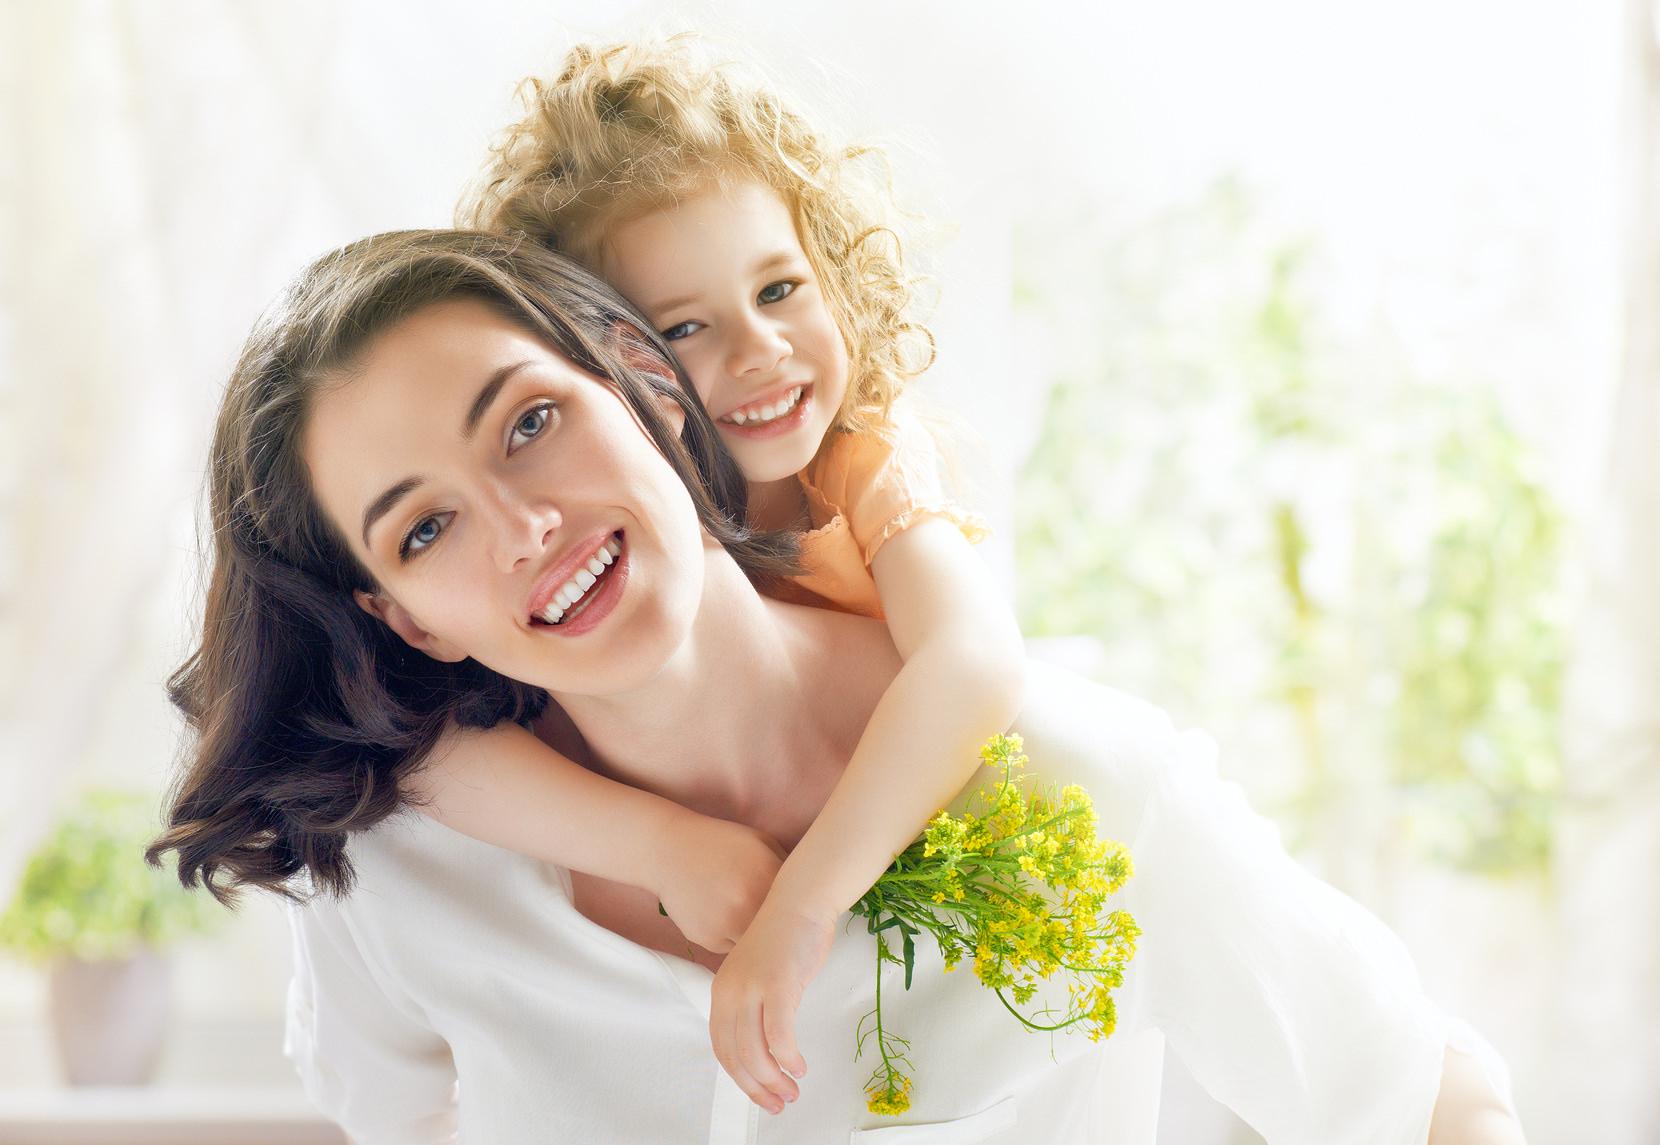 Получаем детские пособия: где когда и как (фото: Konstantin Yuganov - Fotolia.com).